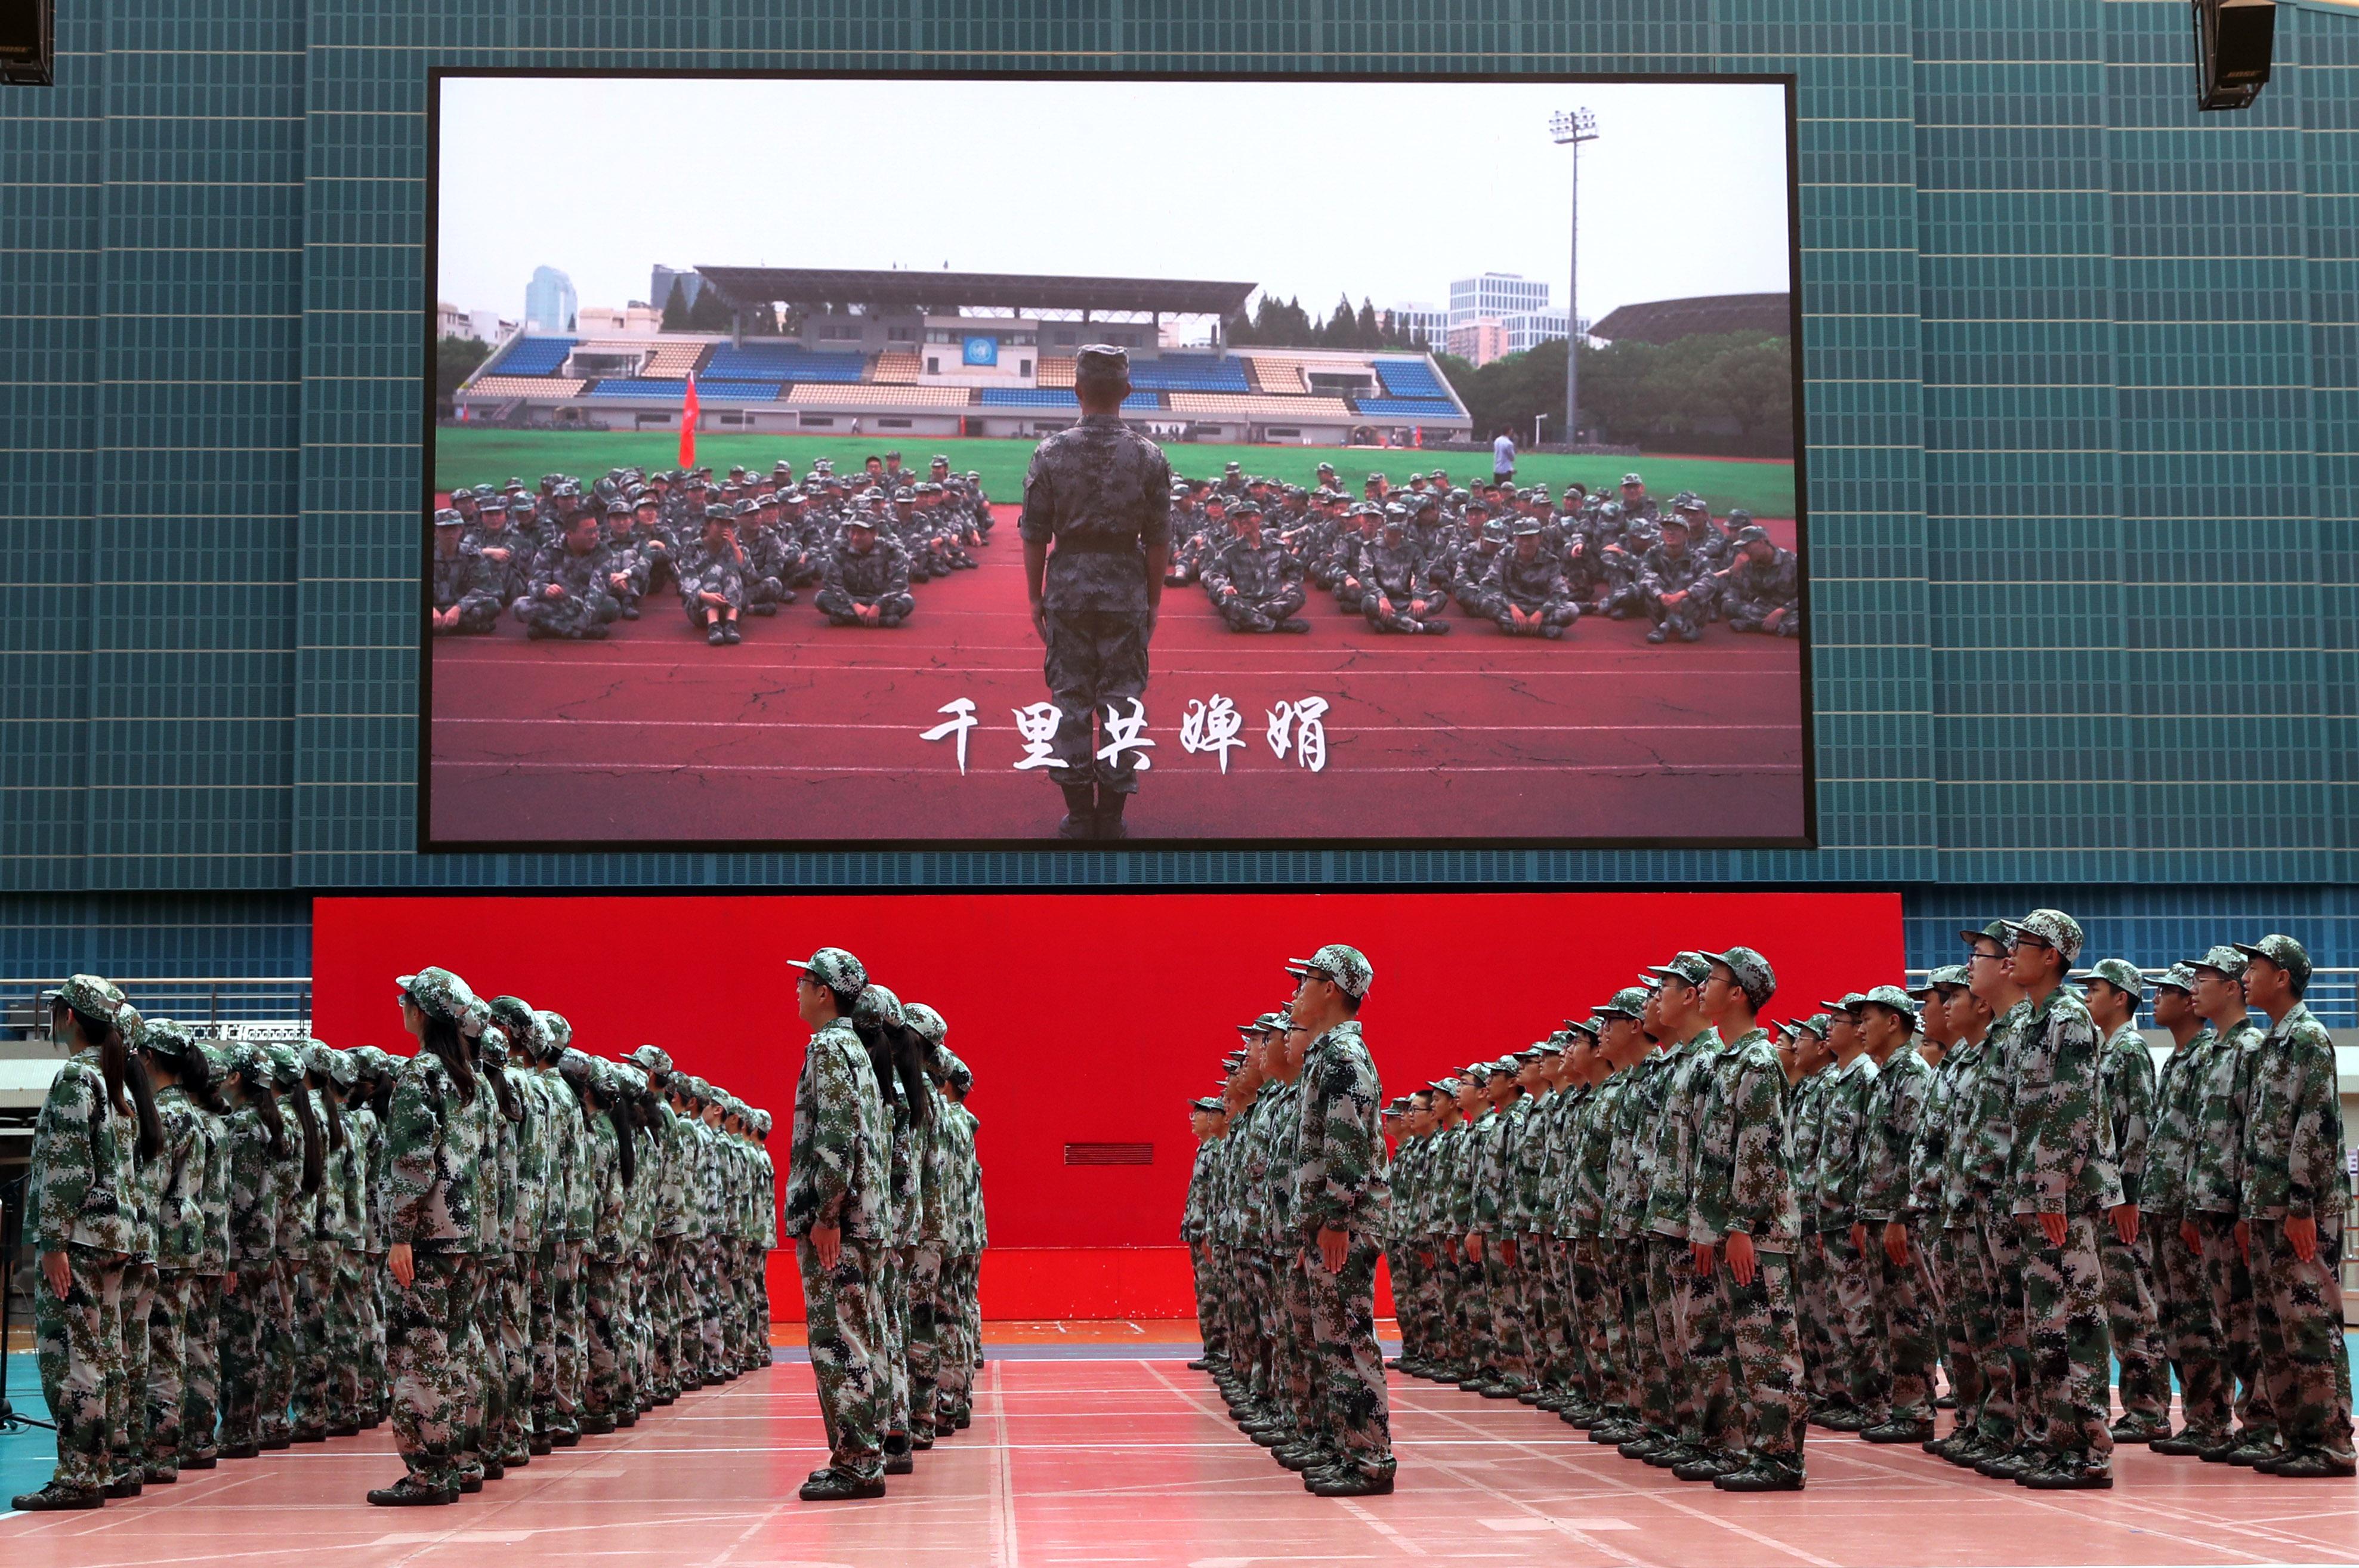 Az amerikai kormány újabb fegyvereladást hagyott jóvá Tajvannak